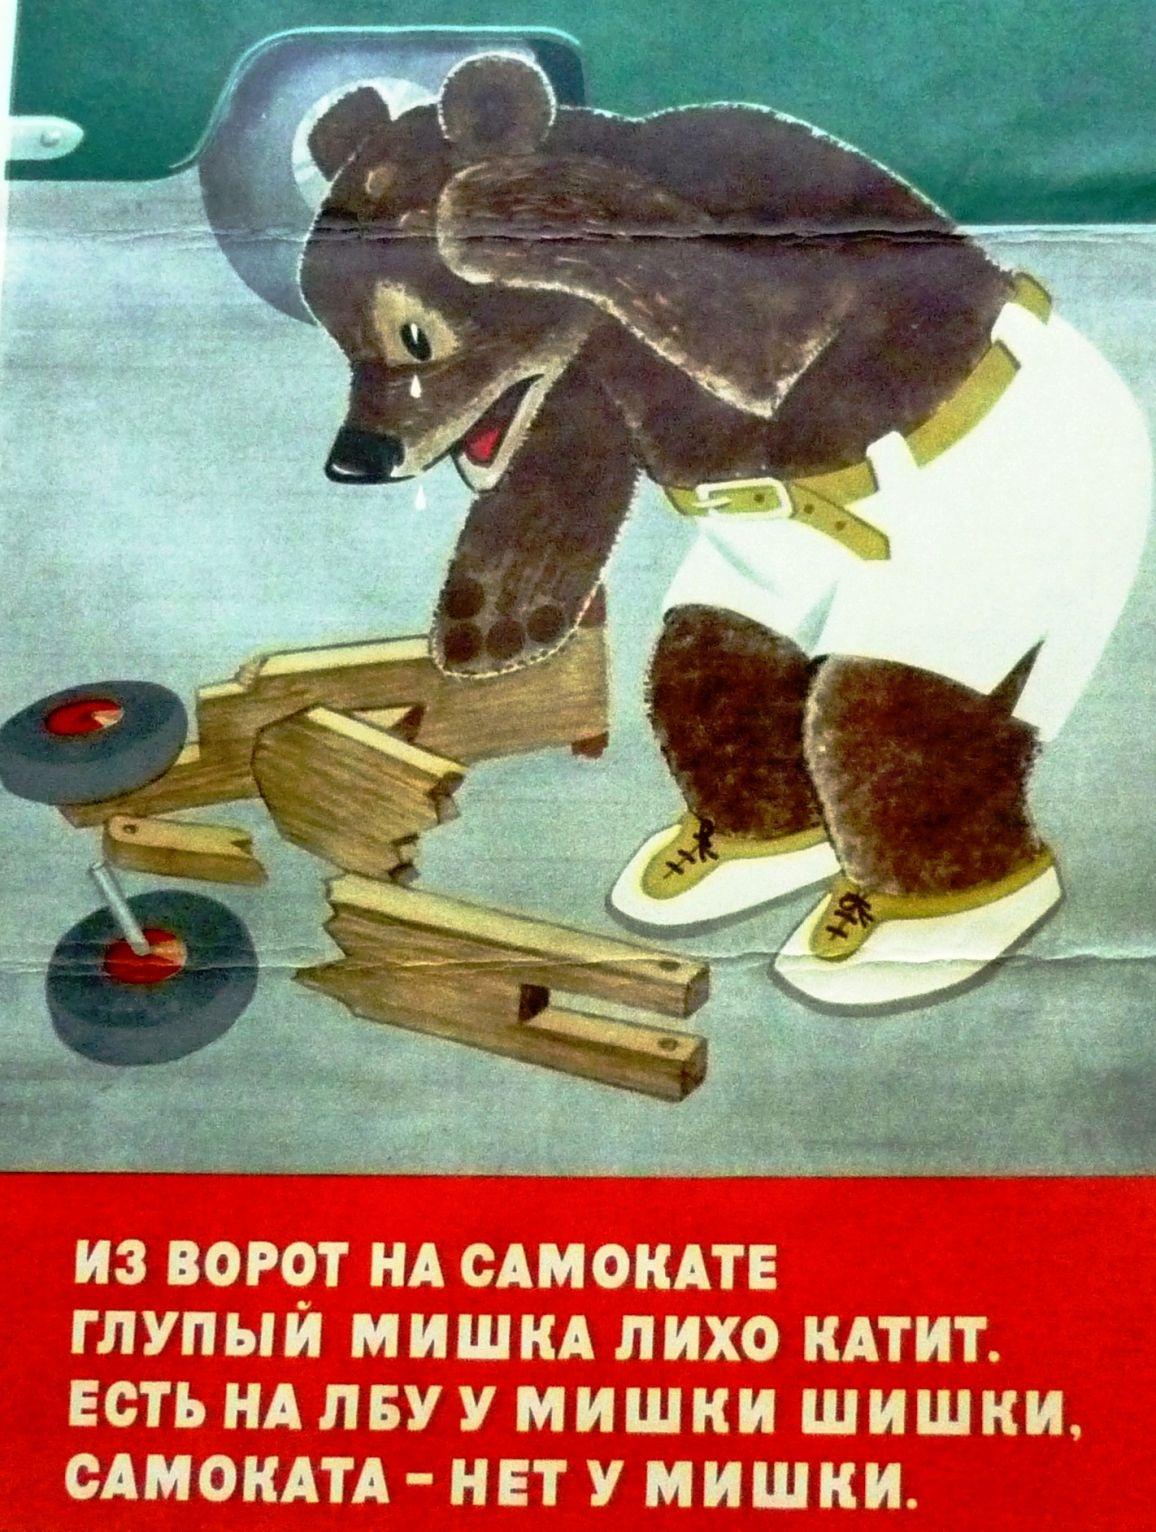 Безбашенный подросток на электросамокате гонит по Ярославке со скоростью 90 км/ч